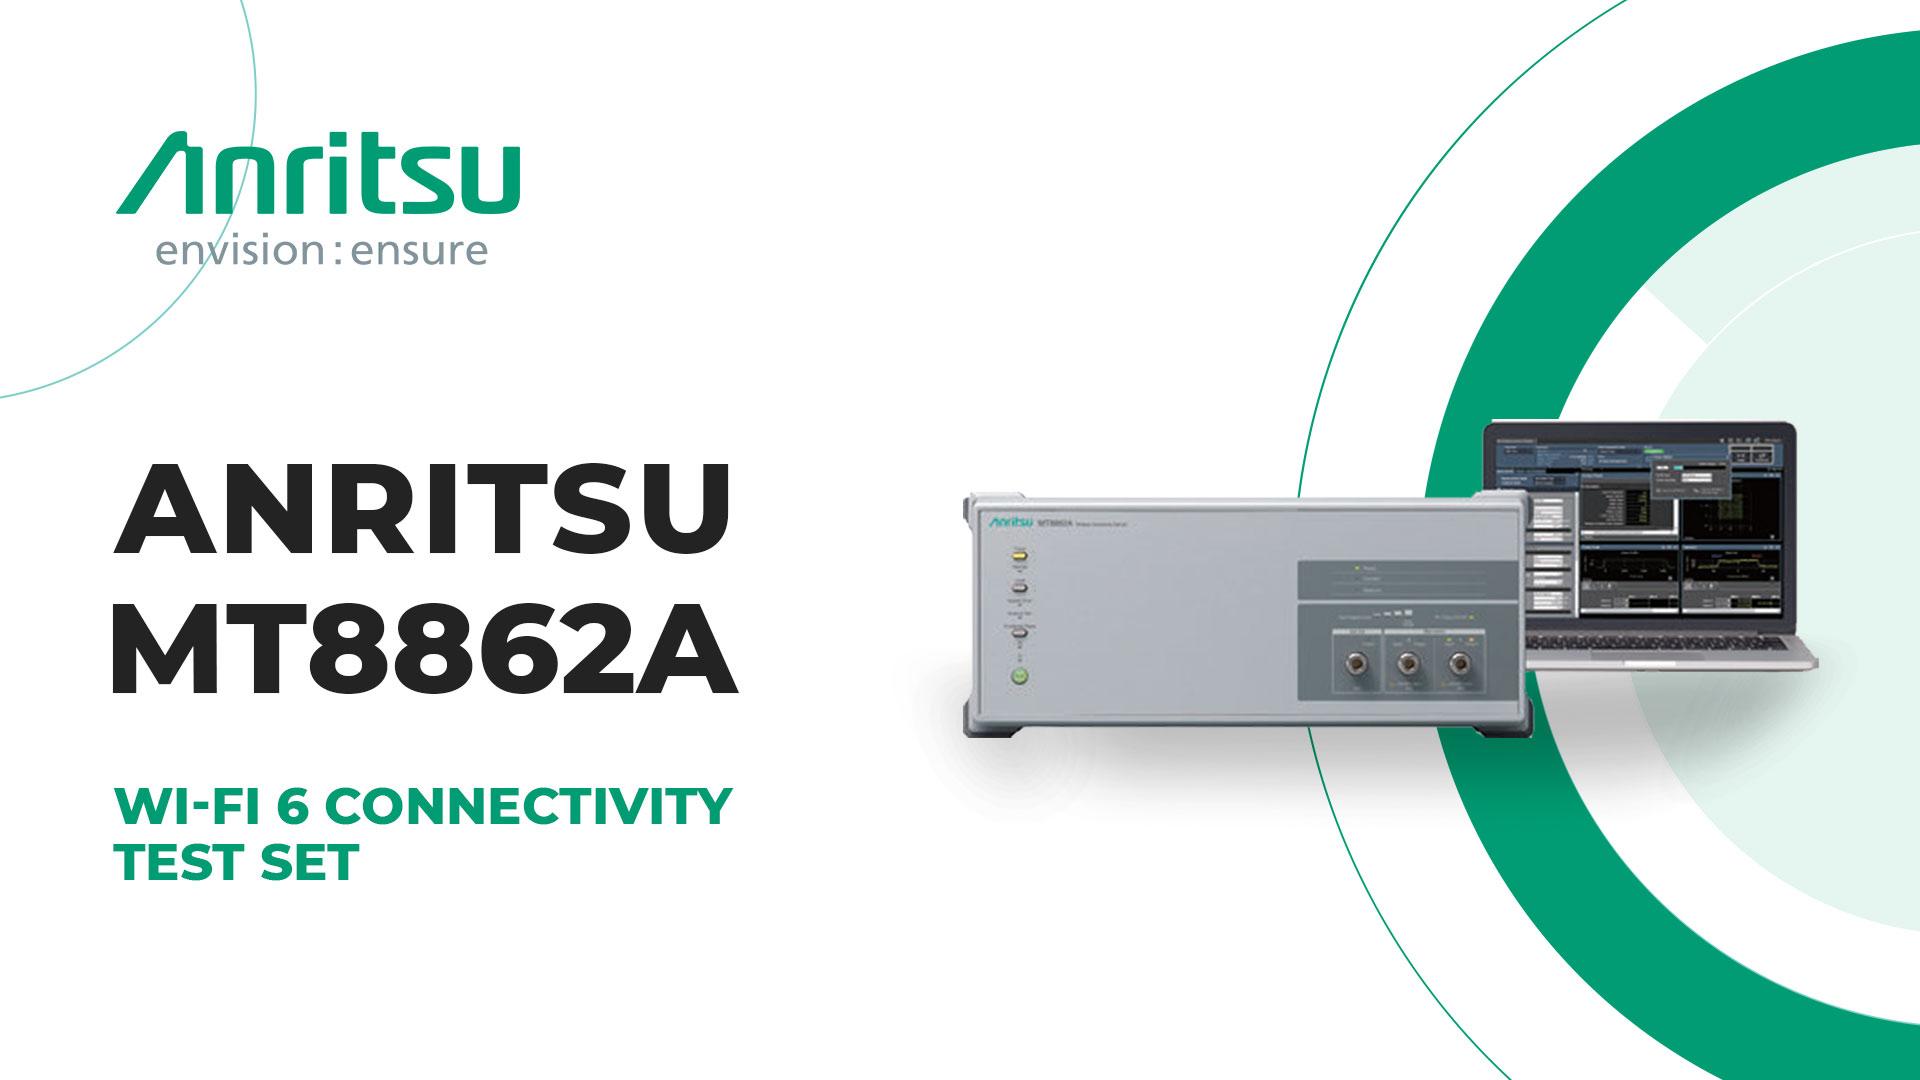 Anritsu MT8862A Wireless Connectivity Test Set